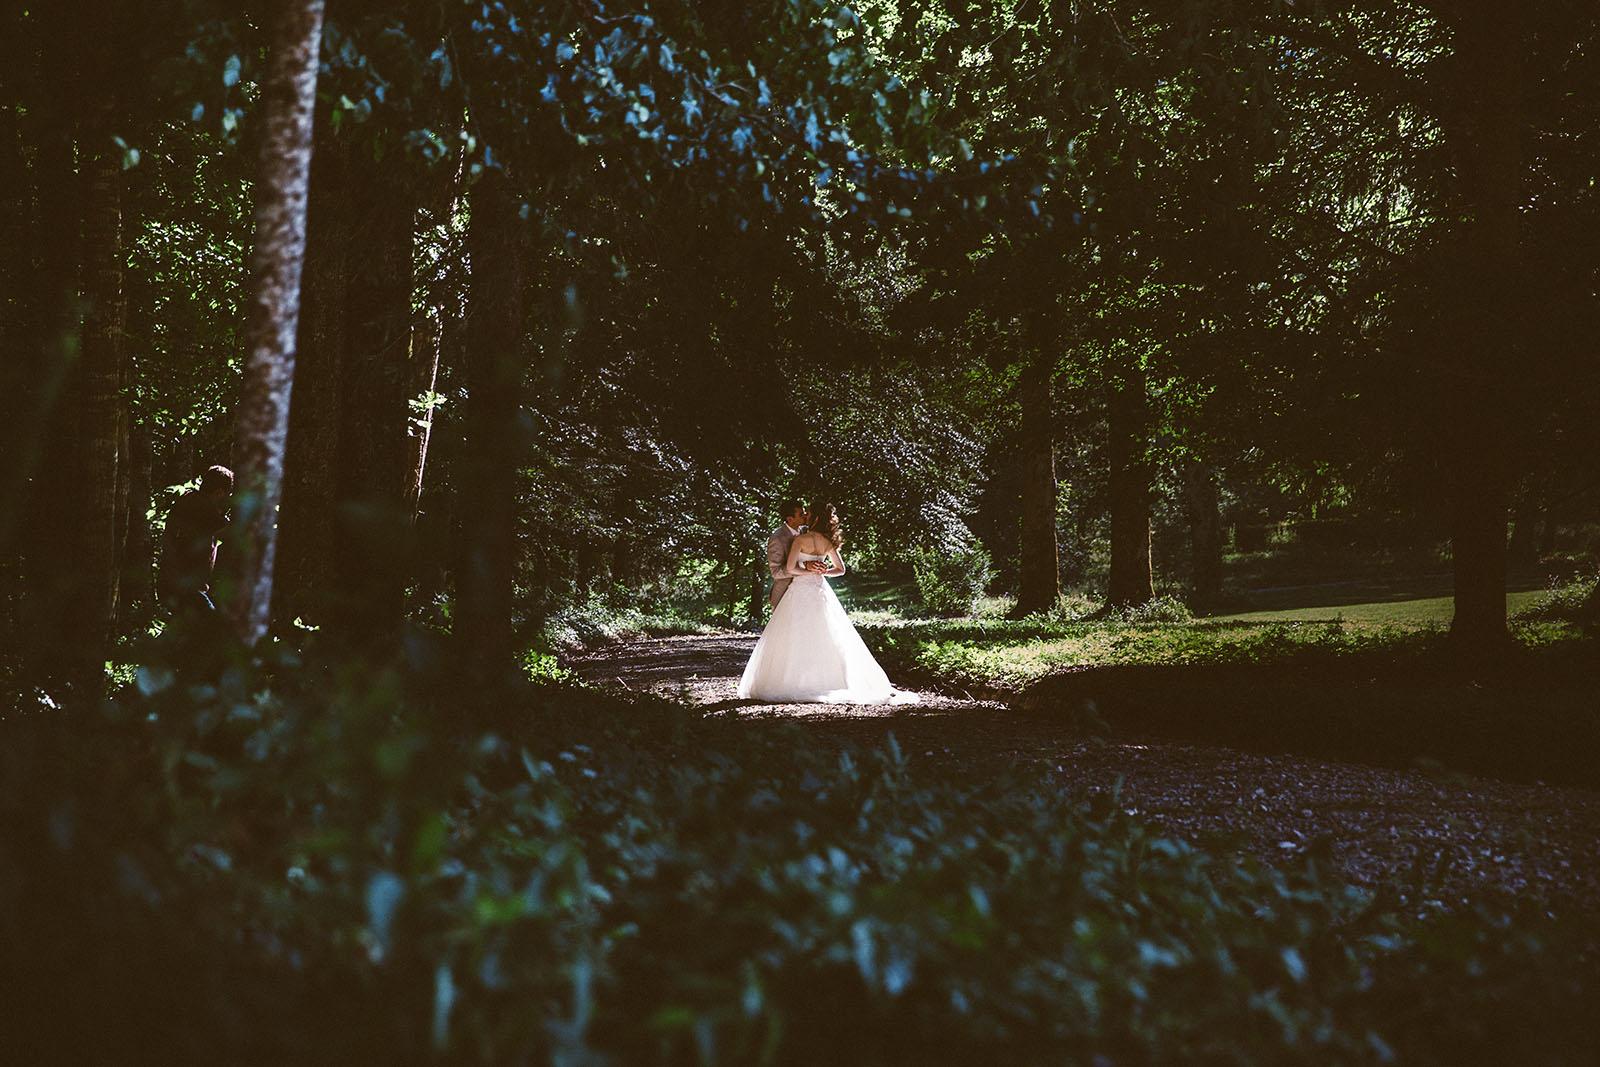 photographe de mariage château de Syam cérémonie laique joie emotion bonheur belle photos mariés photos couple